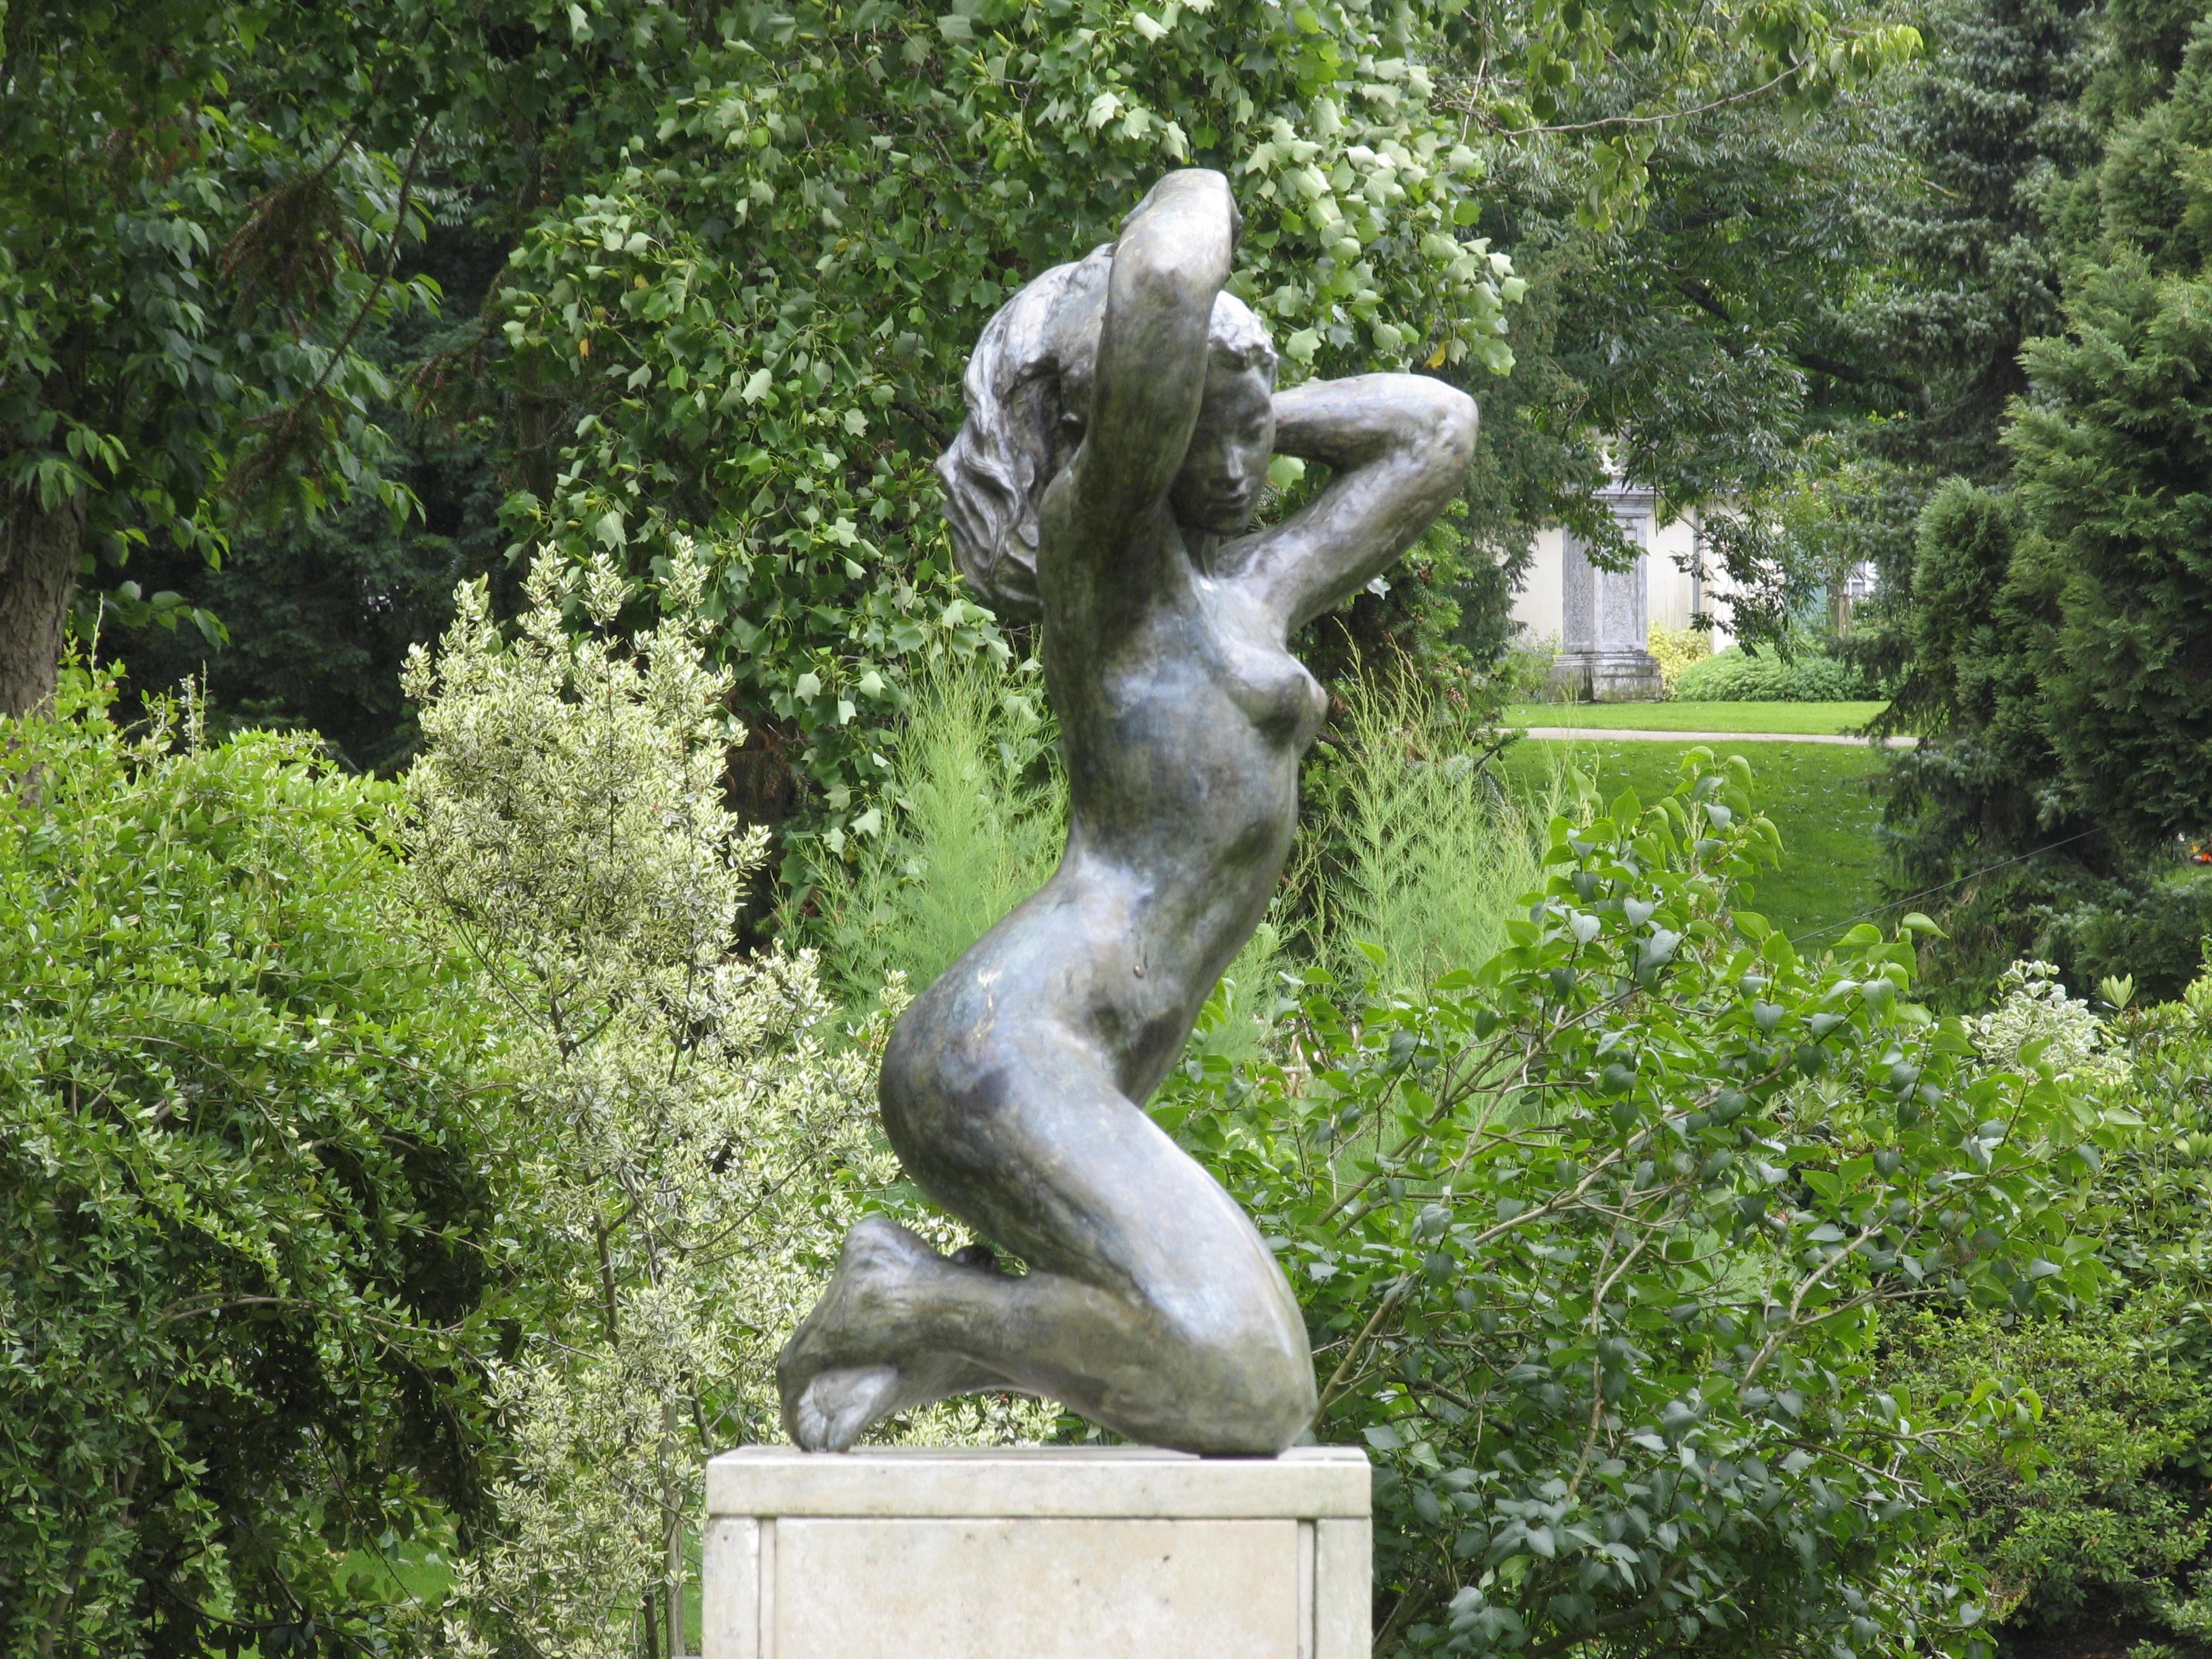 Angers jardin des plantes for Statue moderne jardin